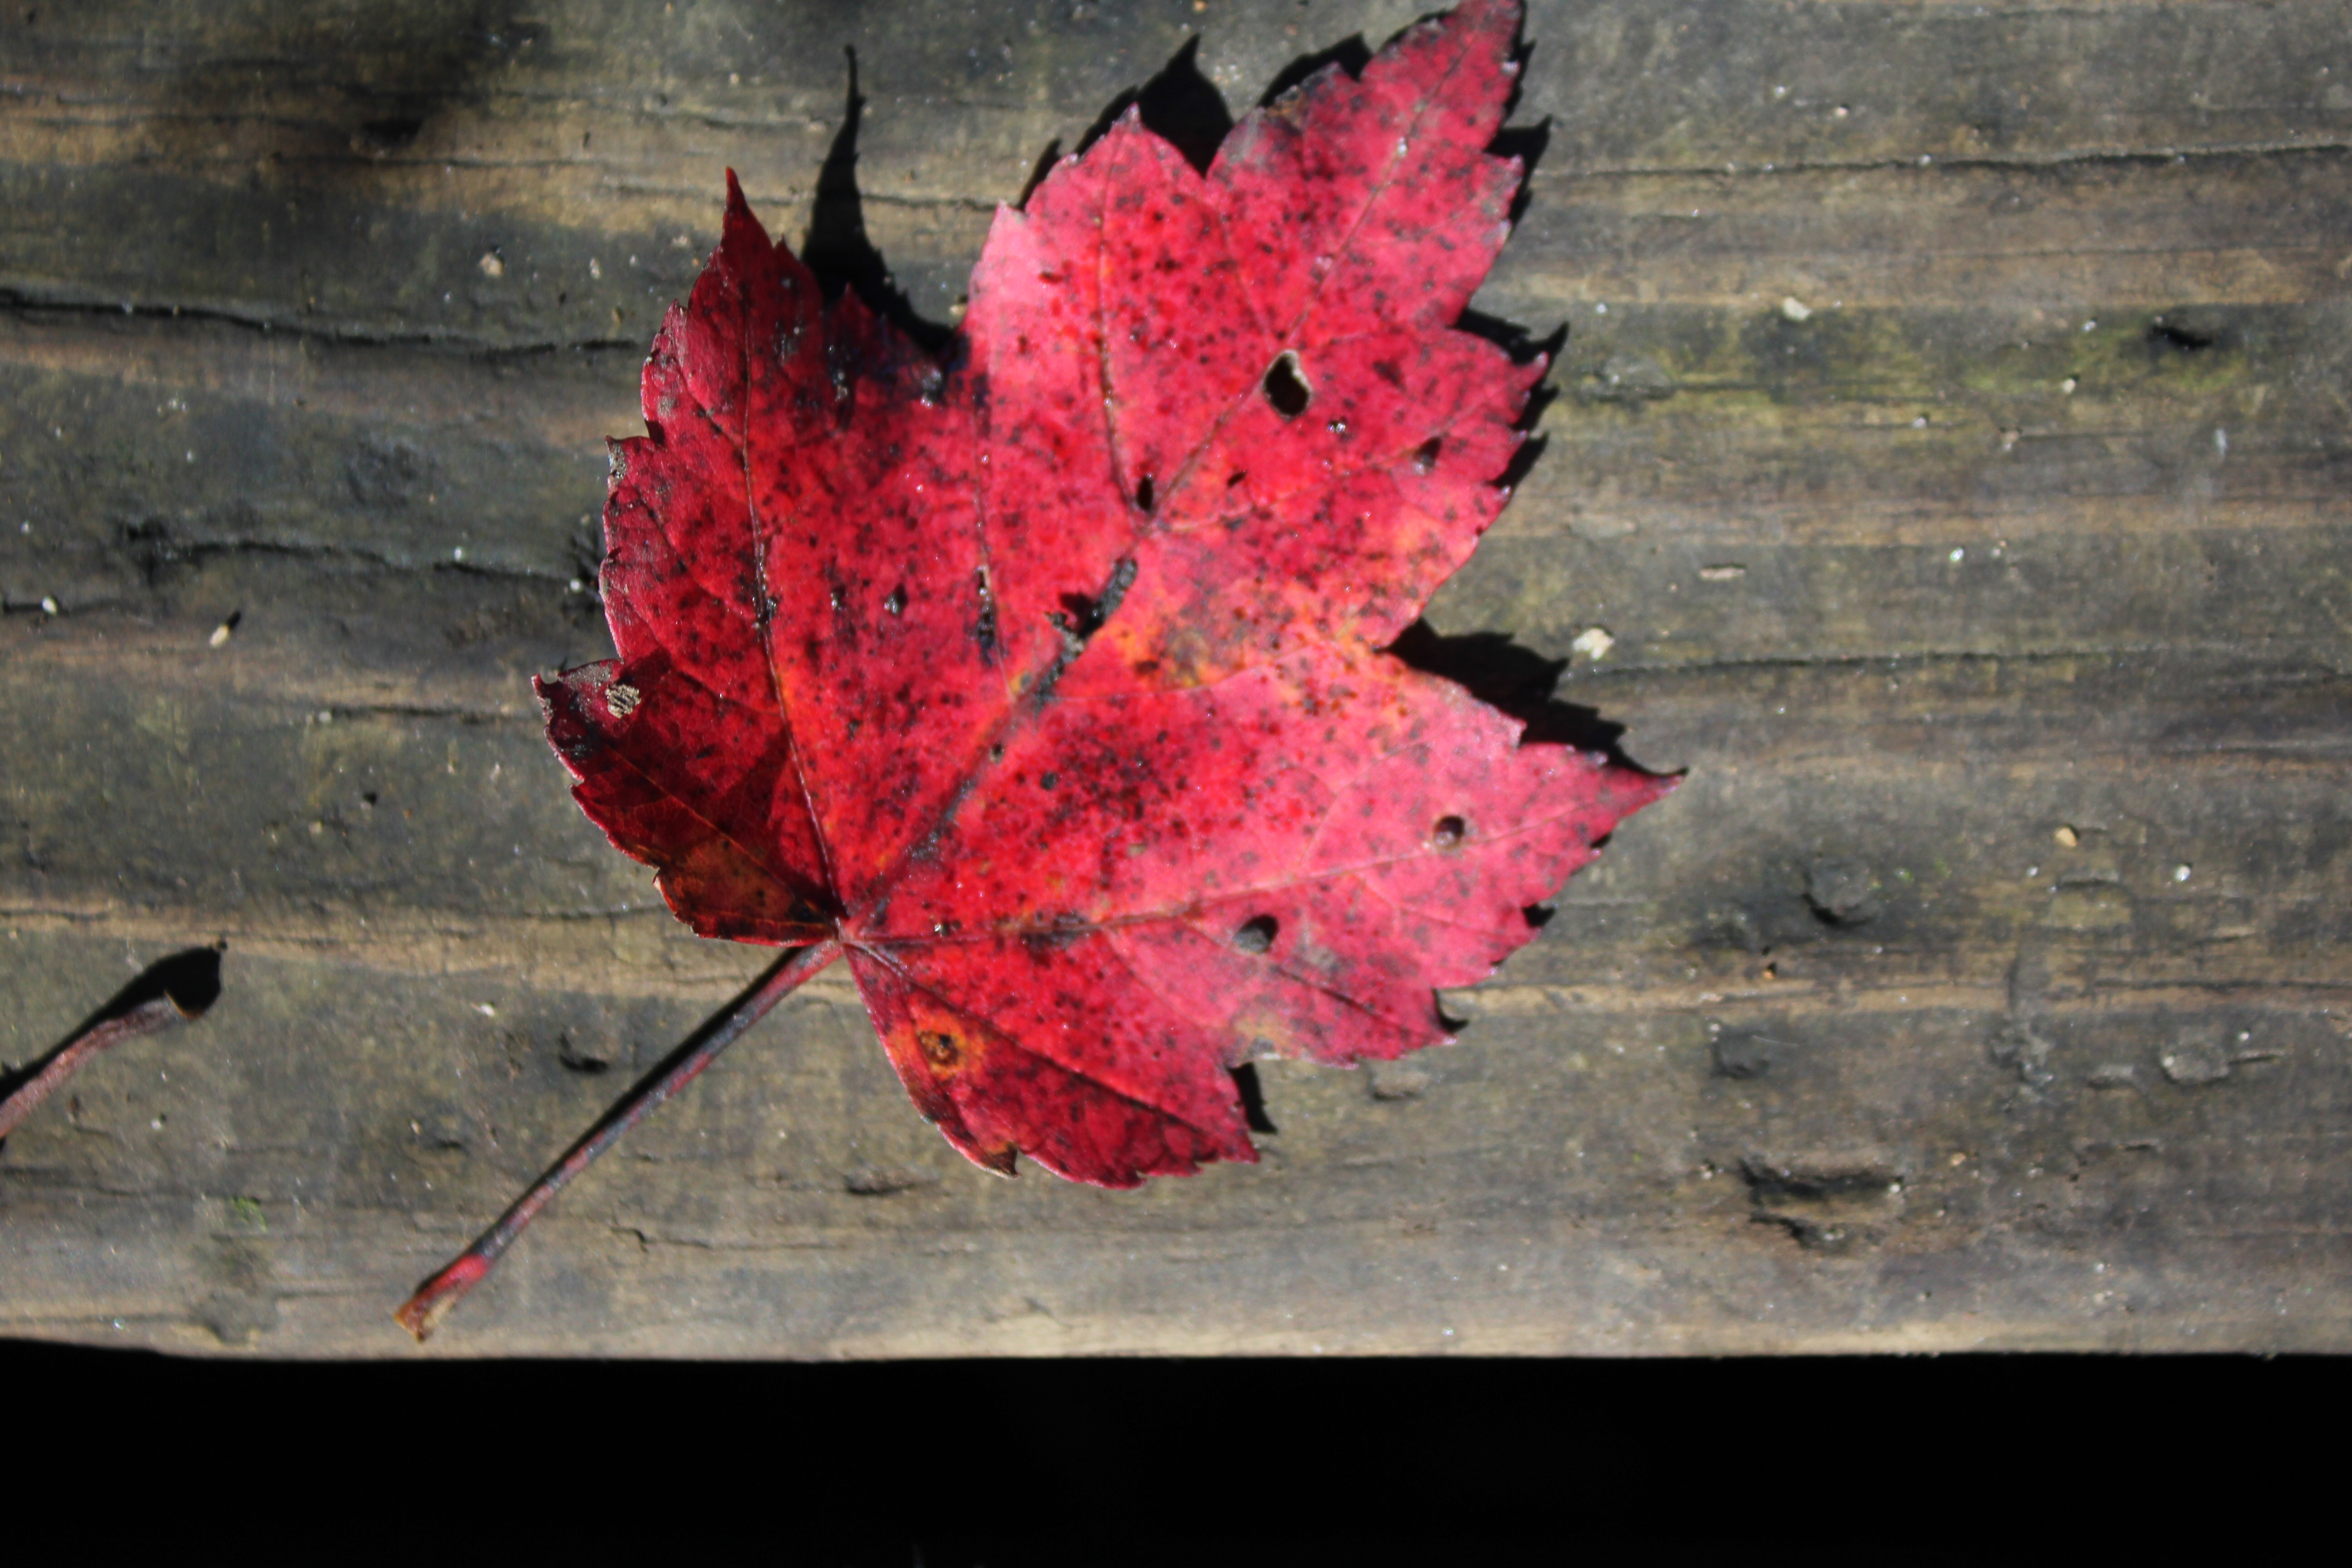 Red leaf on a boardwalk.